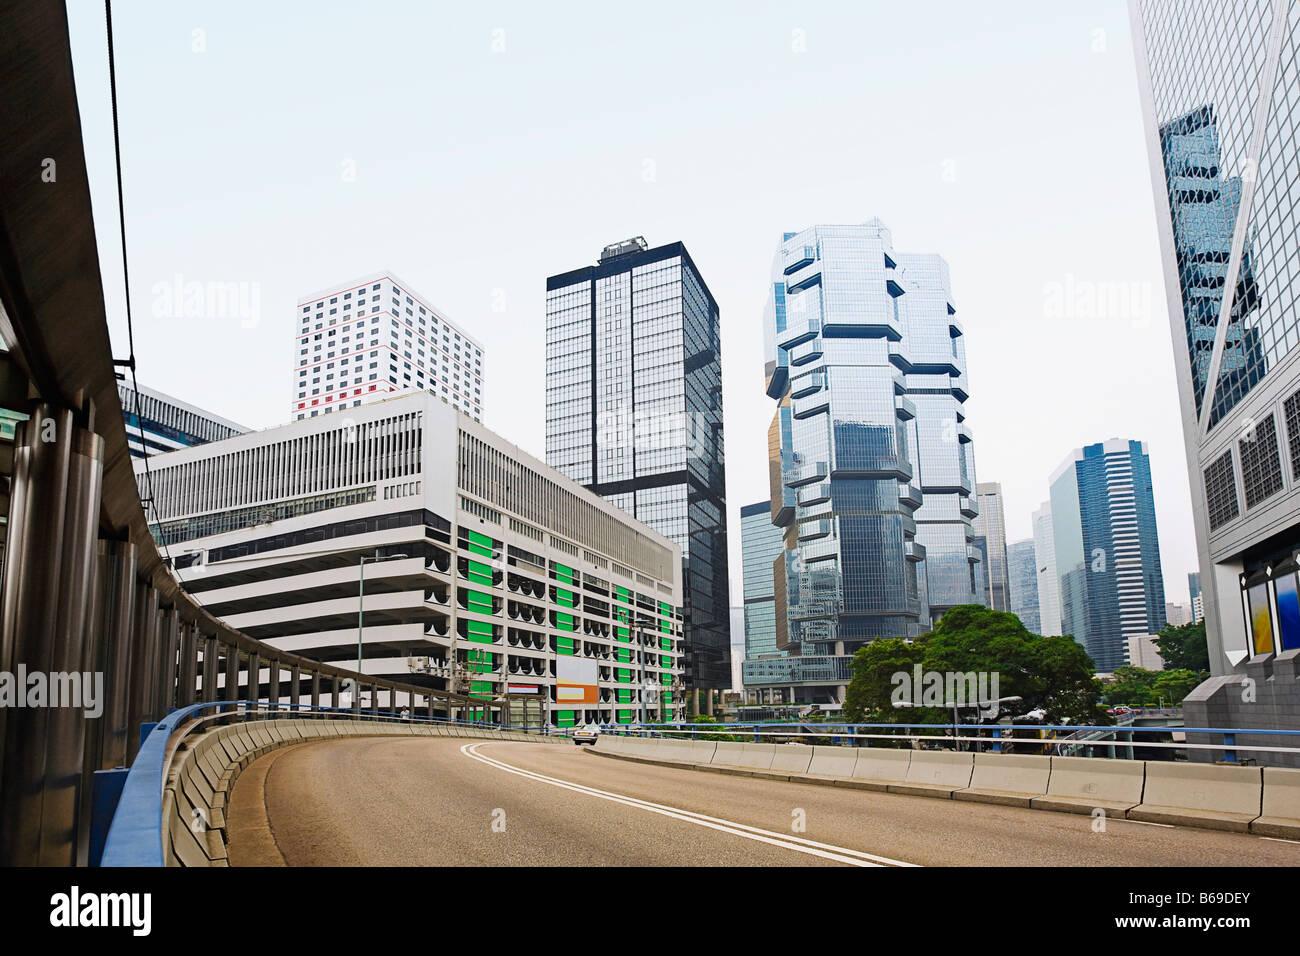 Basso angolo vista dei grattacieli in una città, Des Voeux Road, Isola di Hong Kong, Cina Immagini Stock